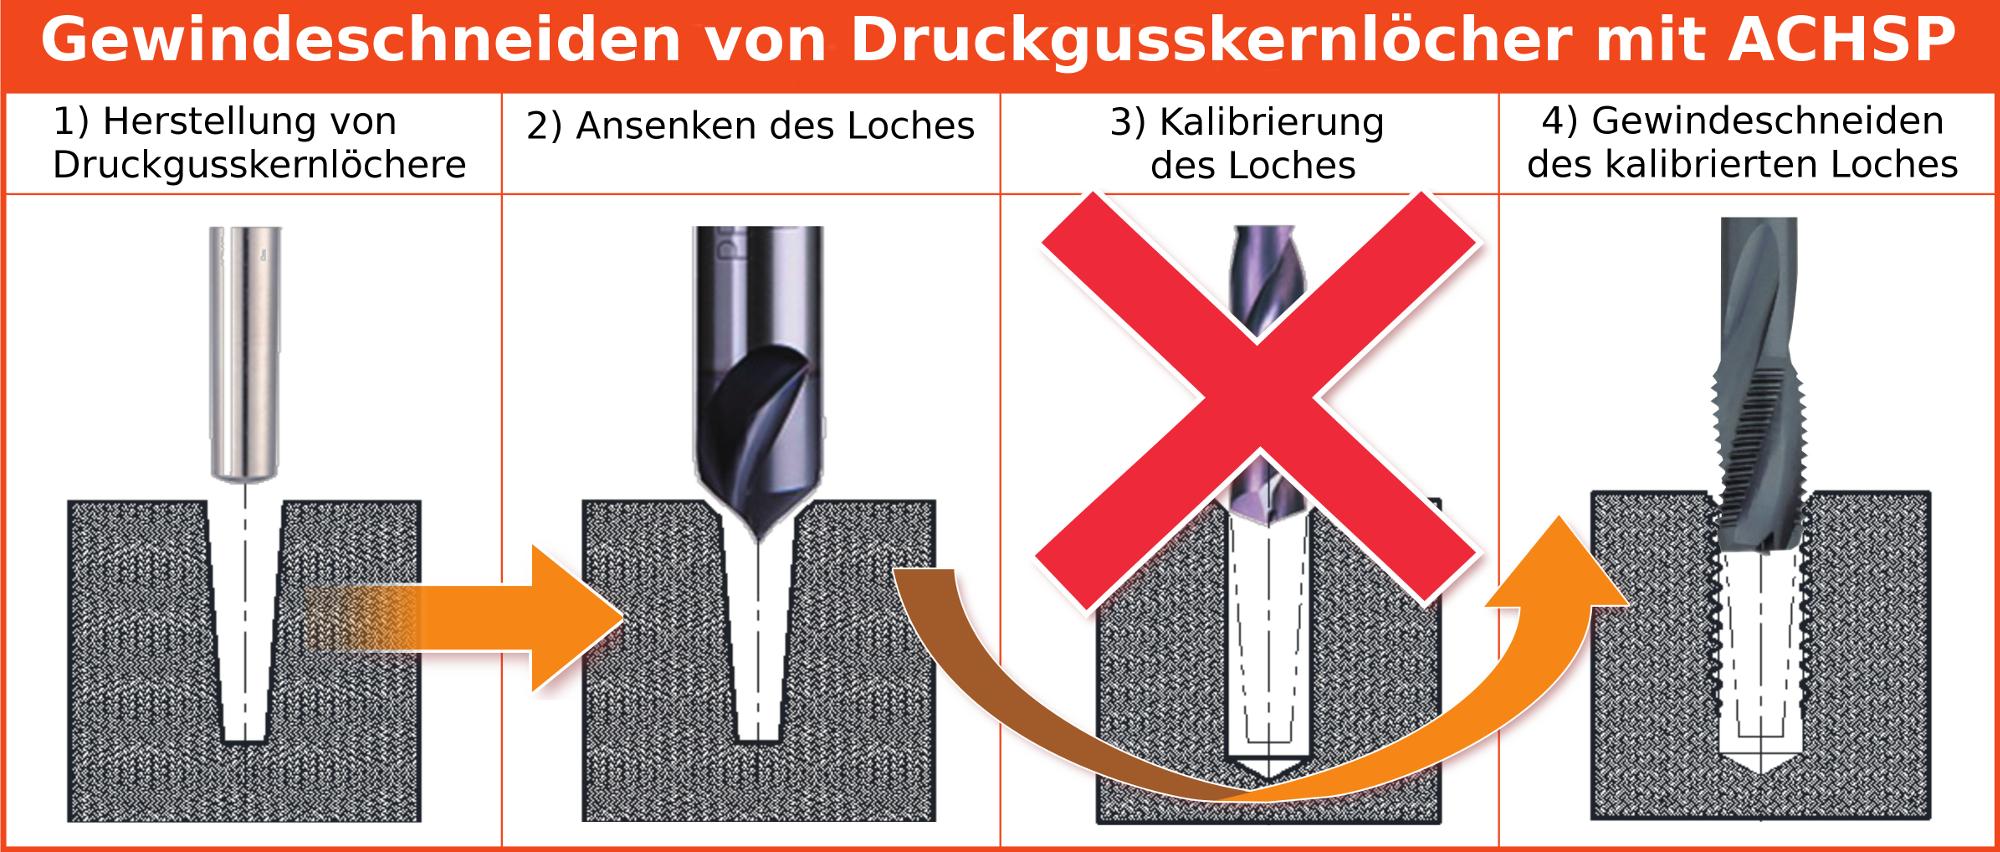 Gewindeschneiden von Druckgusskernlöcher mit ACHSP